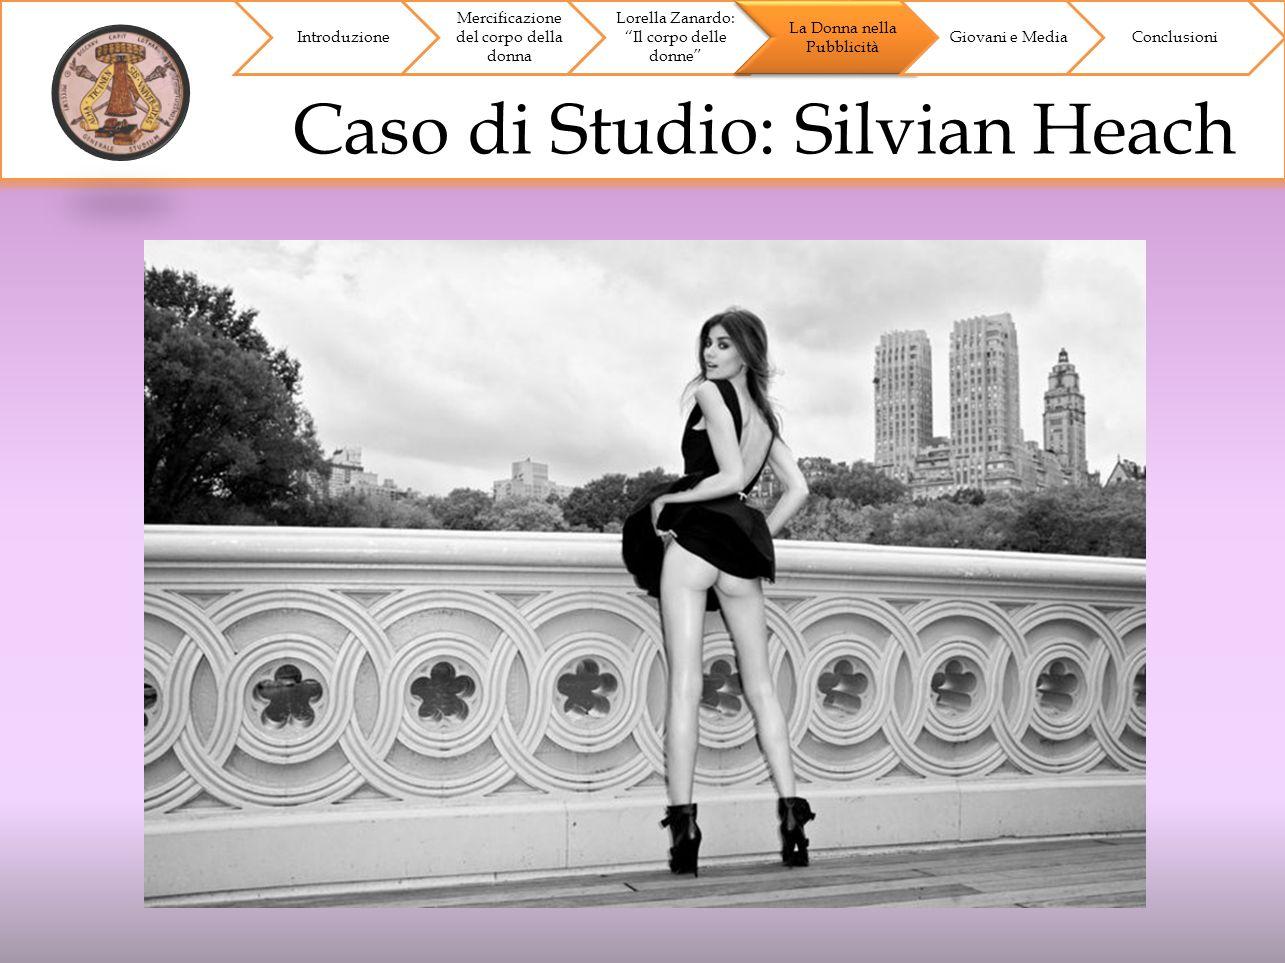 Caso di Studio: Silvian Heach Introduzione Mercificazione del corpo della donna Lorella Zanardo: Il corpo delle donne La Donna nella Pubblicità Giovan